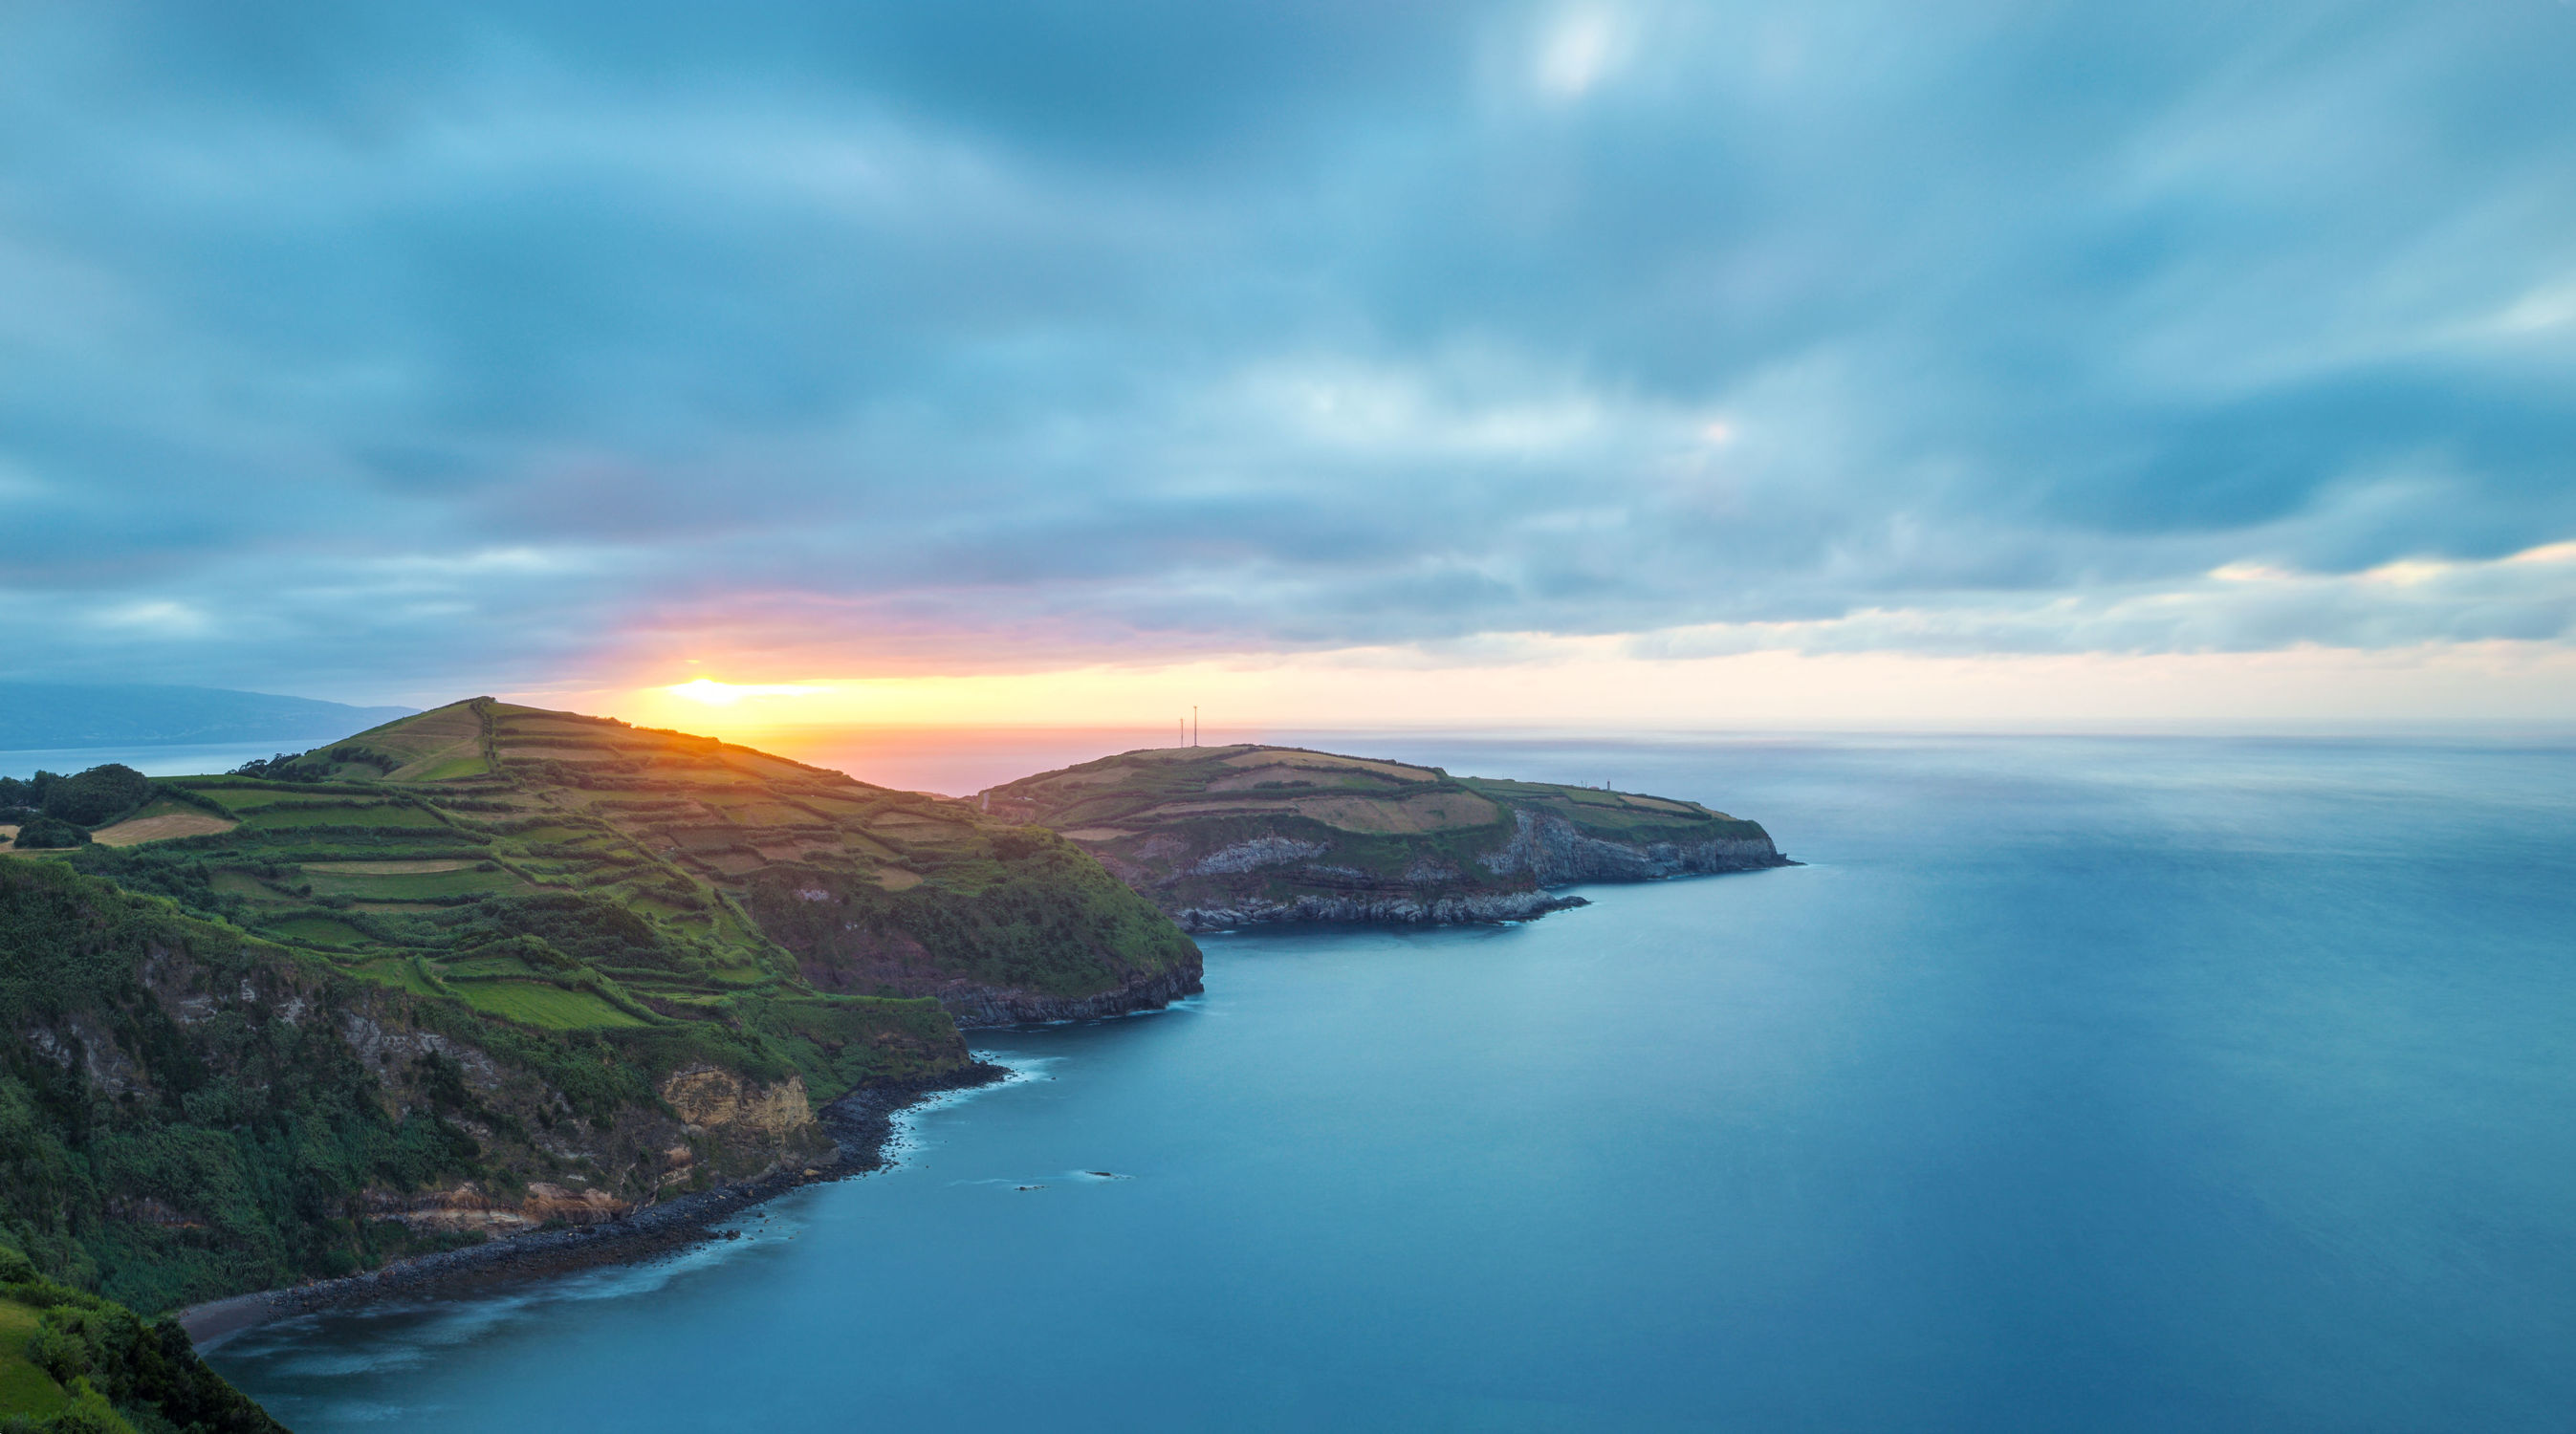 Bild mit Natur, Wasser, Berge, Gewässer, Sonnenuntergang, Sonnenaufgang, See, Küste, Am Meer, Wiesen, ozean